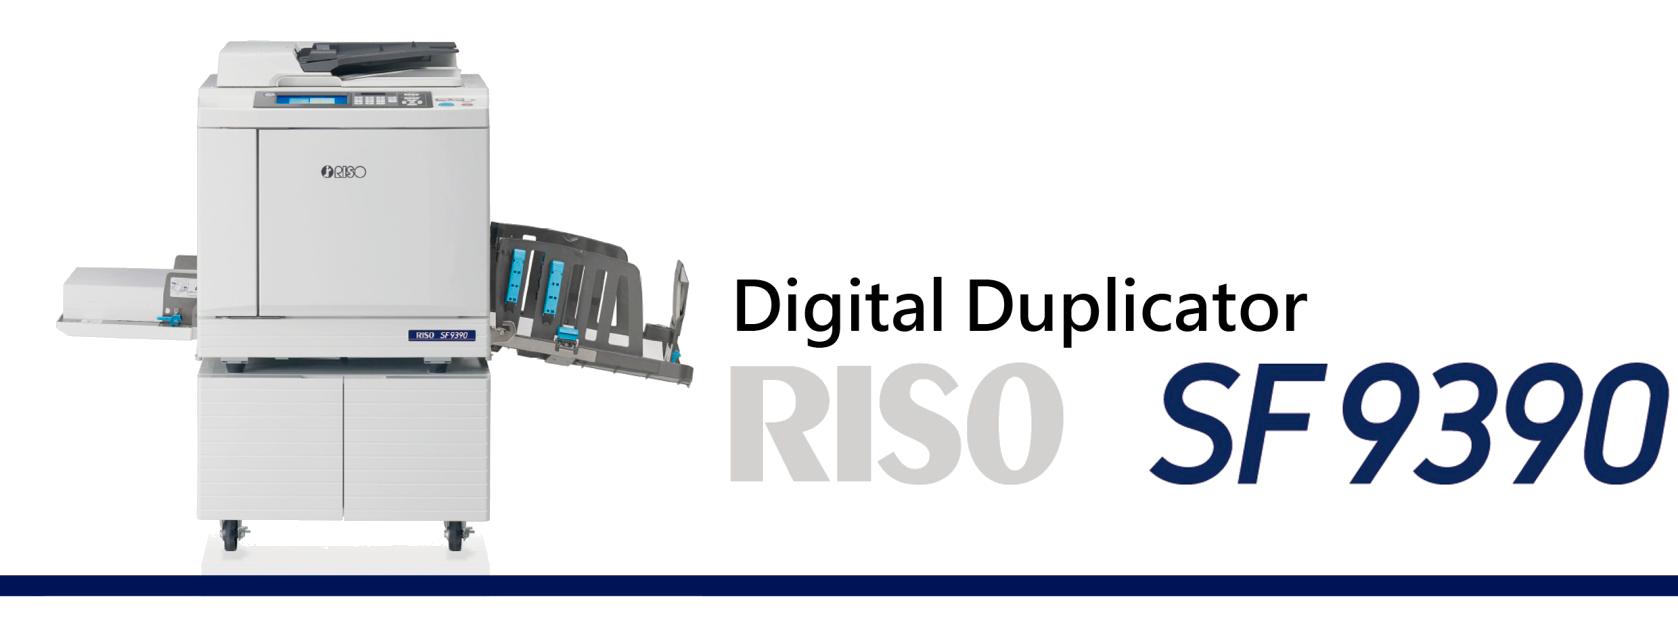 RISO SF 9390